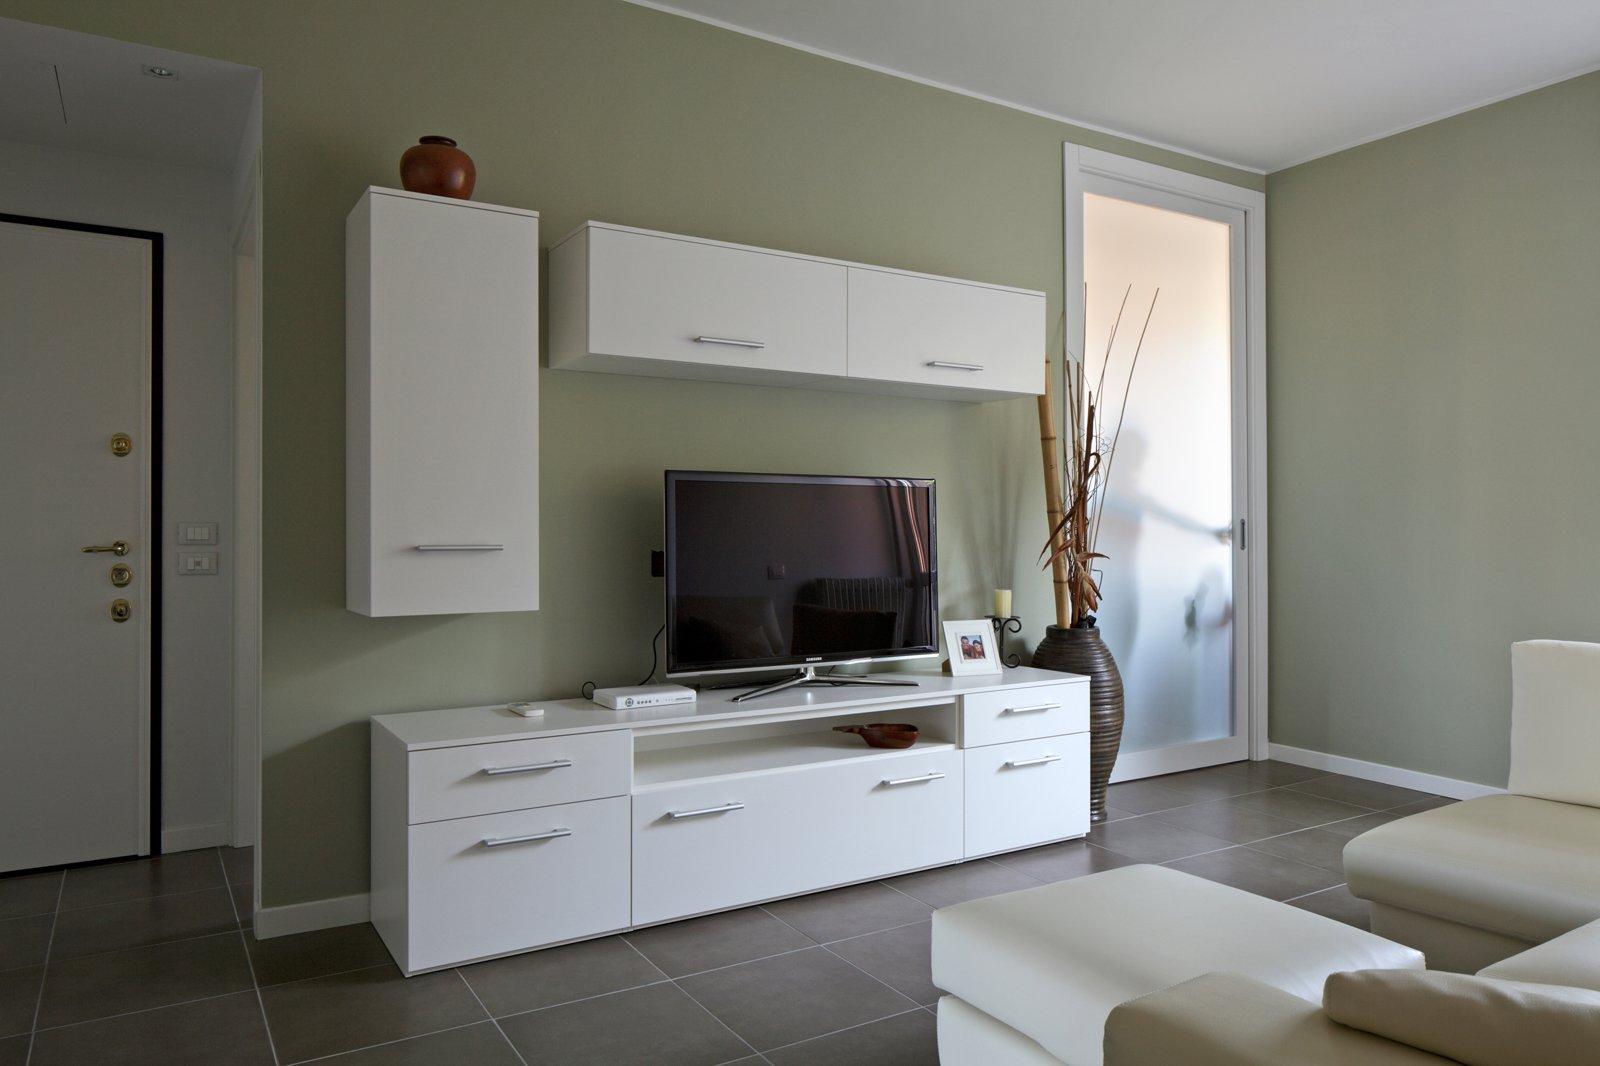 Idee da copiare per migliorare la casa cose di casa for Parete salotto